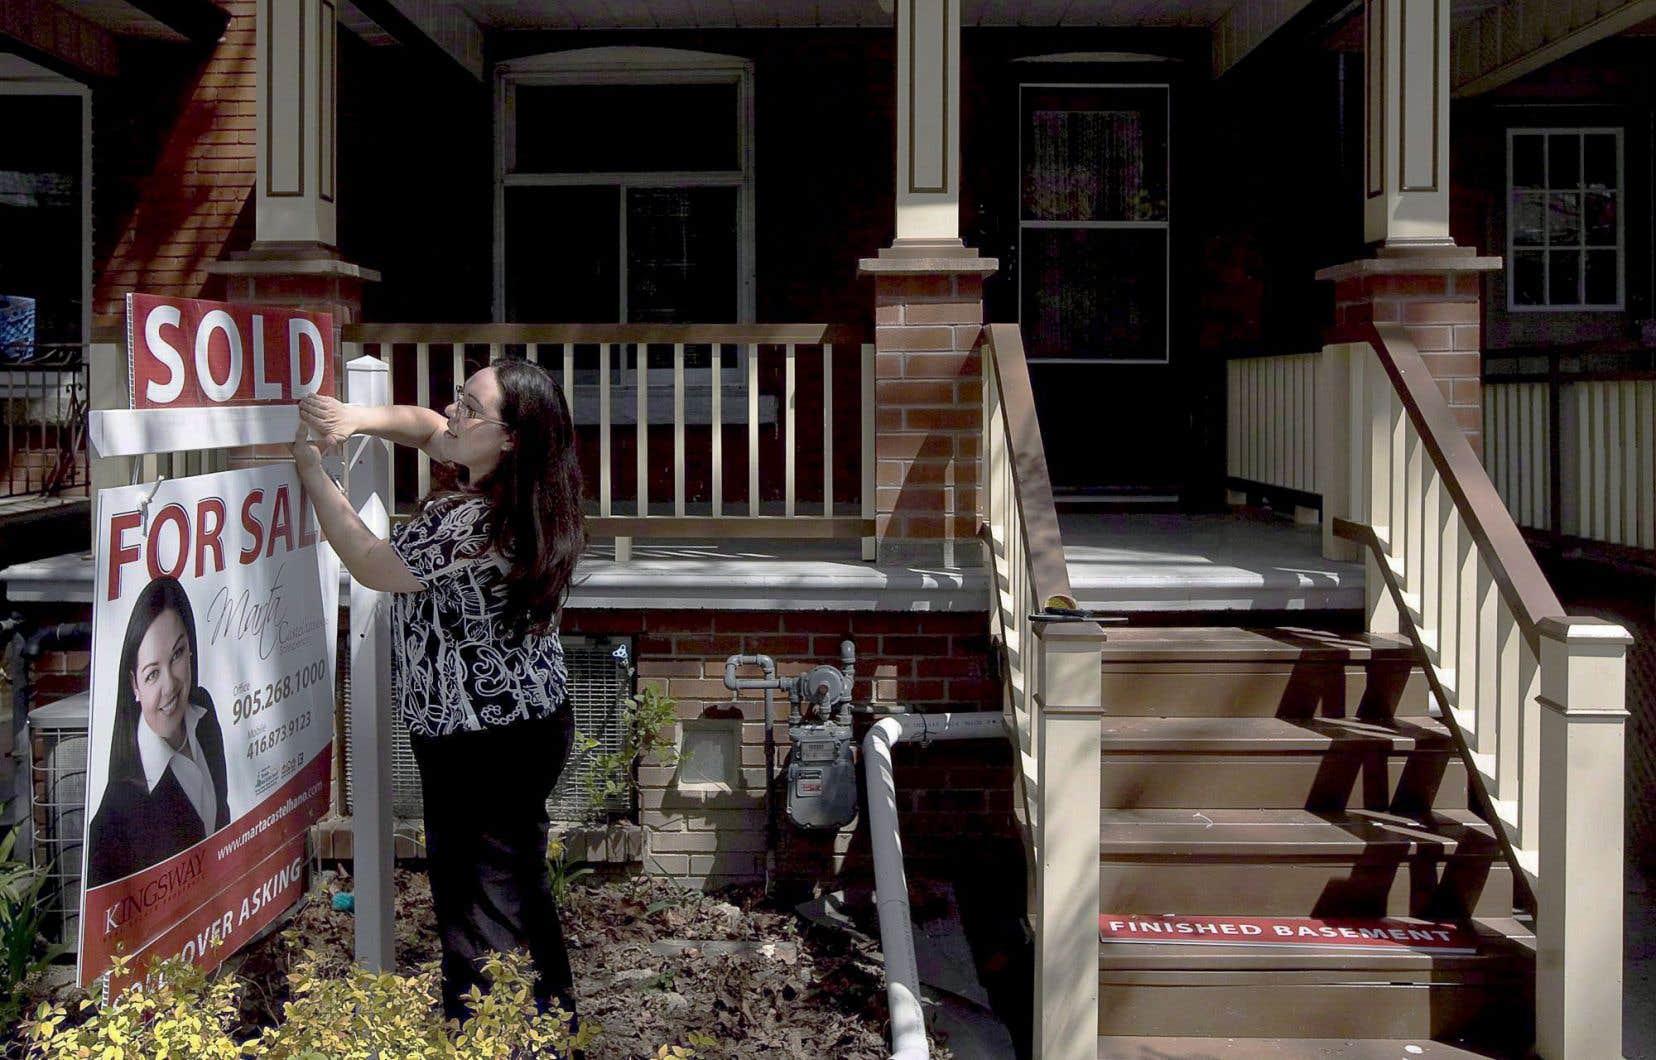 La valeur moyenne des propriétés vendues était de 508 097 $ le mois dernier, en progression de 13,1 % par rapport à avril 2015. Si l'on exclut les marchés de Toronto et de Vancouver, le prix moyen atteignait 369 222 $, en hausse de 8,7 % sur un an.